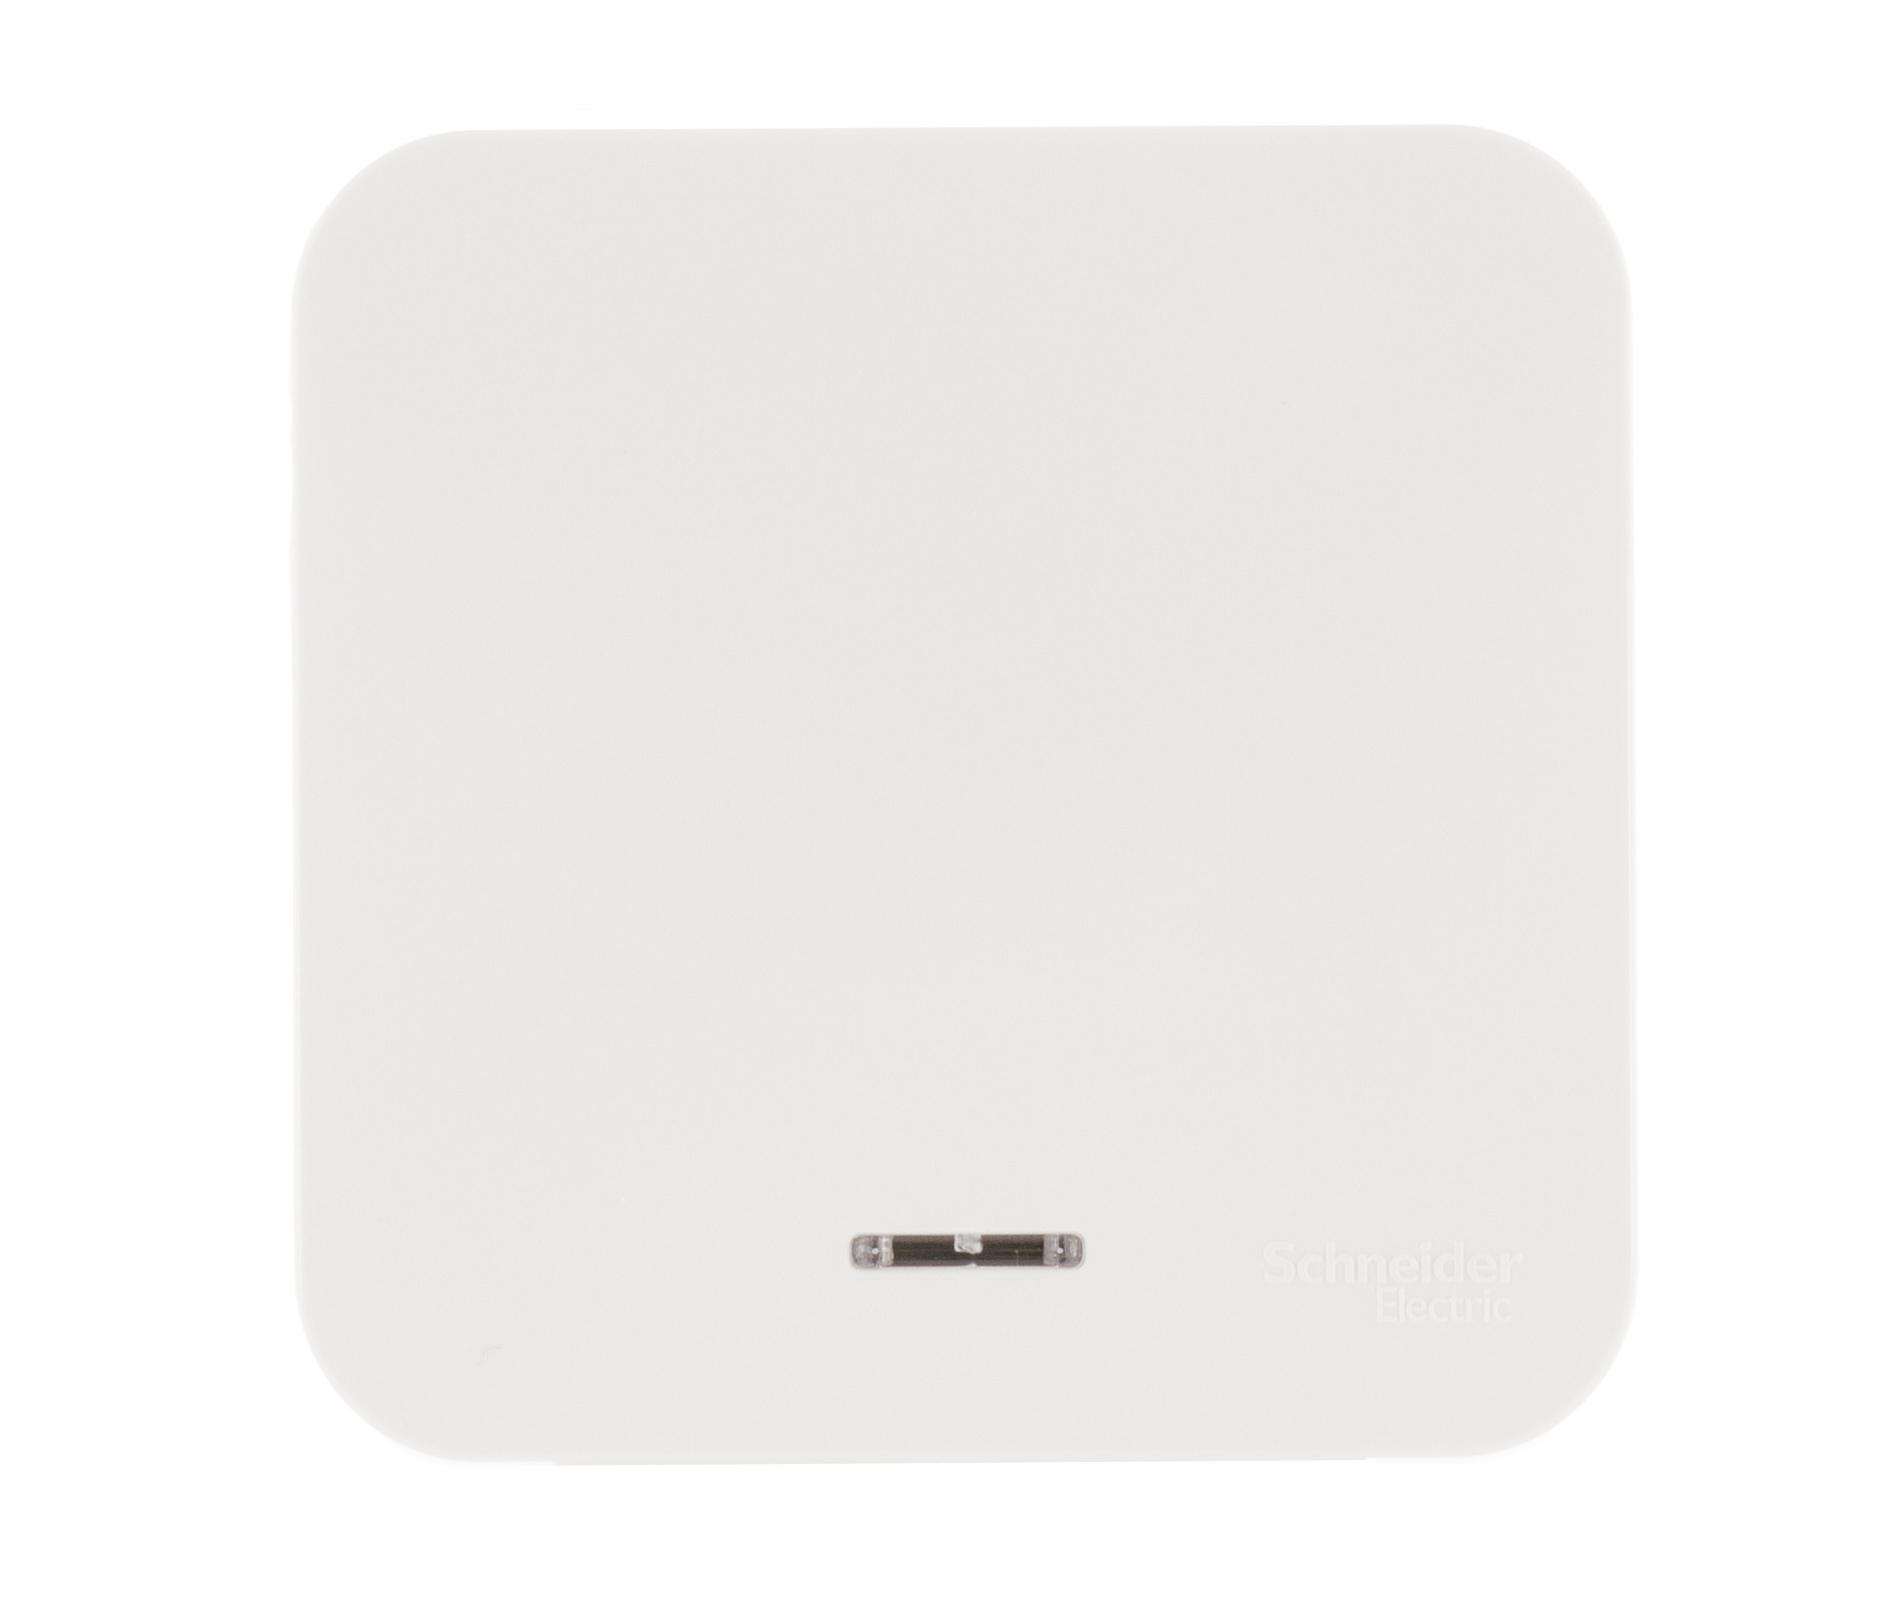 Купить Выключатель Schneider electric Blnva101112 blanca